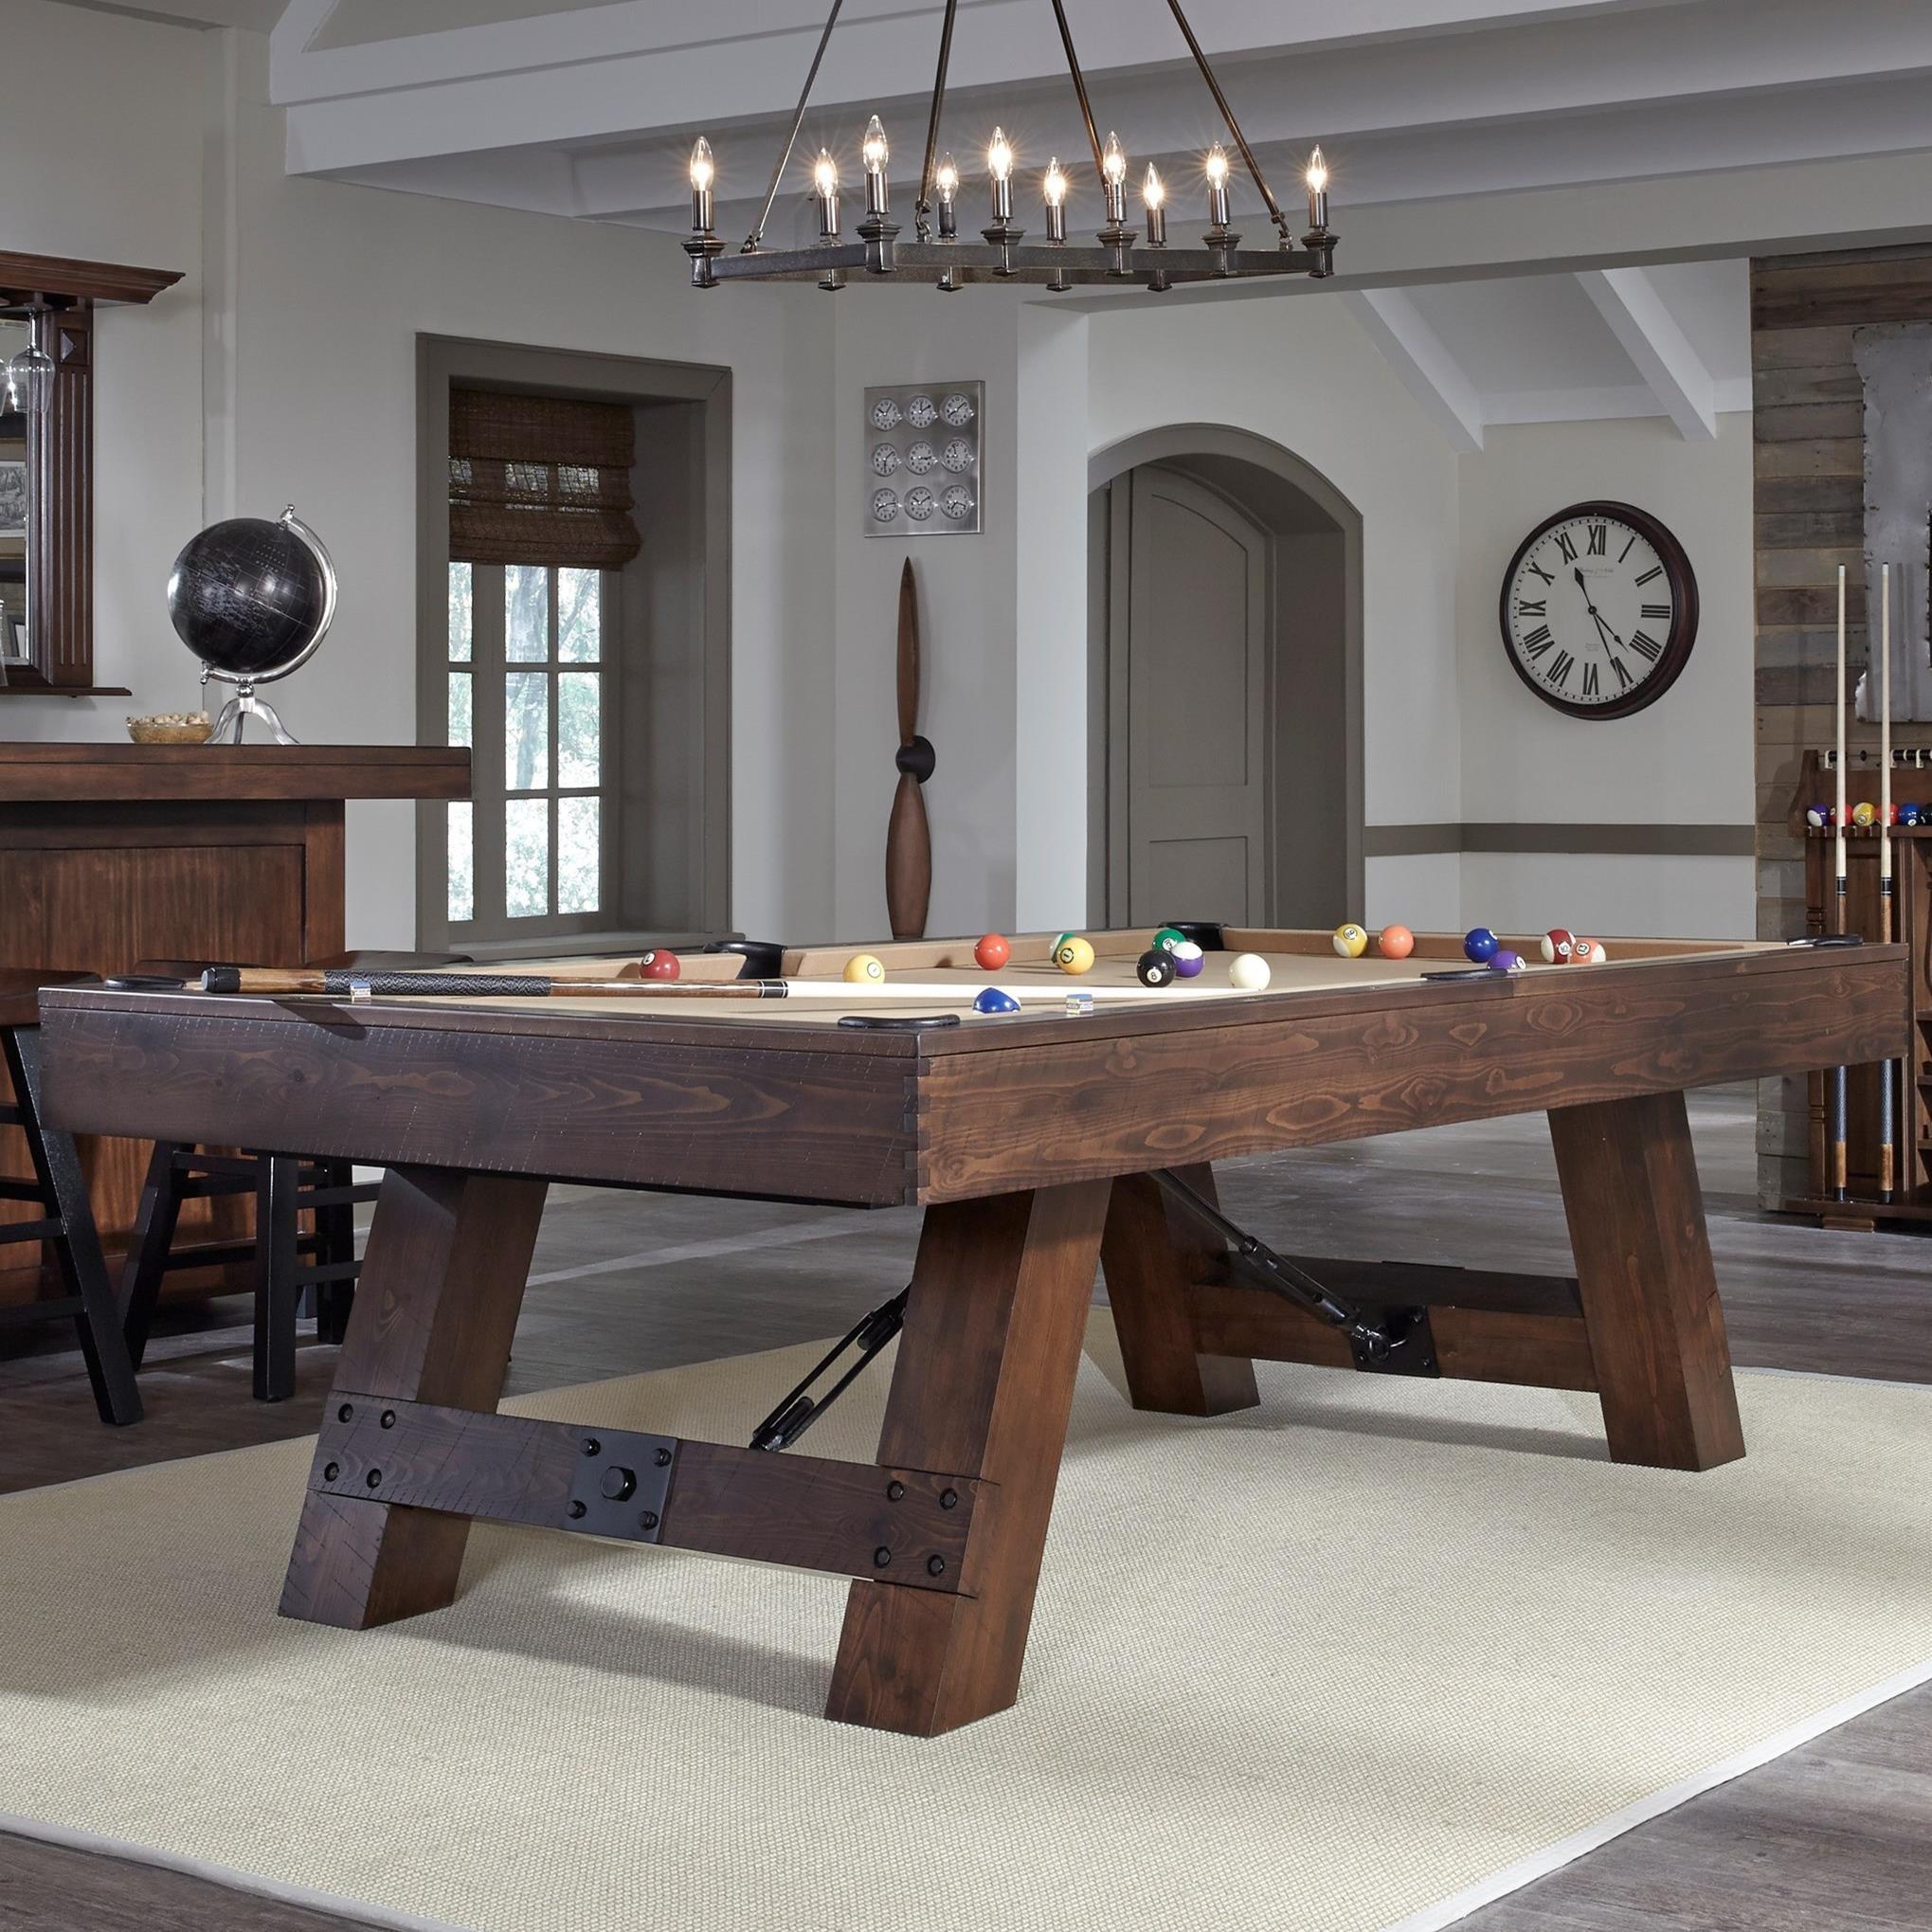 Charmant American Heritage Billiards SavannahBilliard Table ...